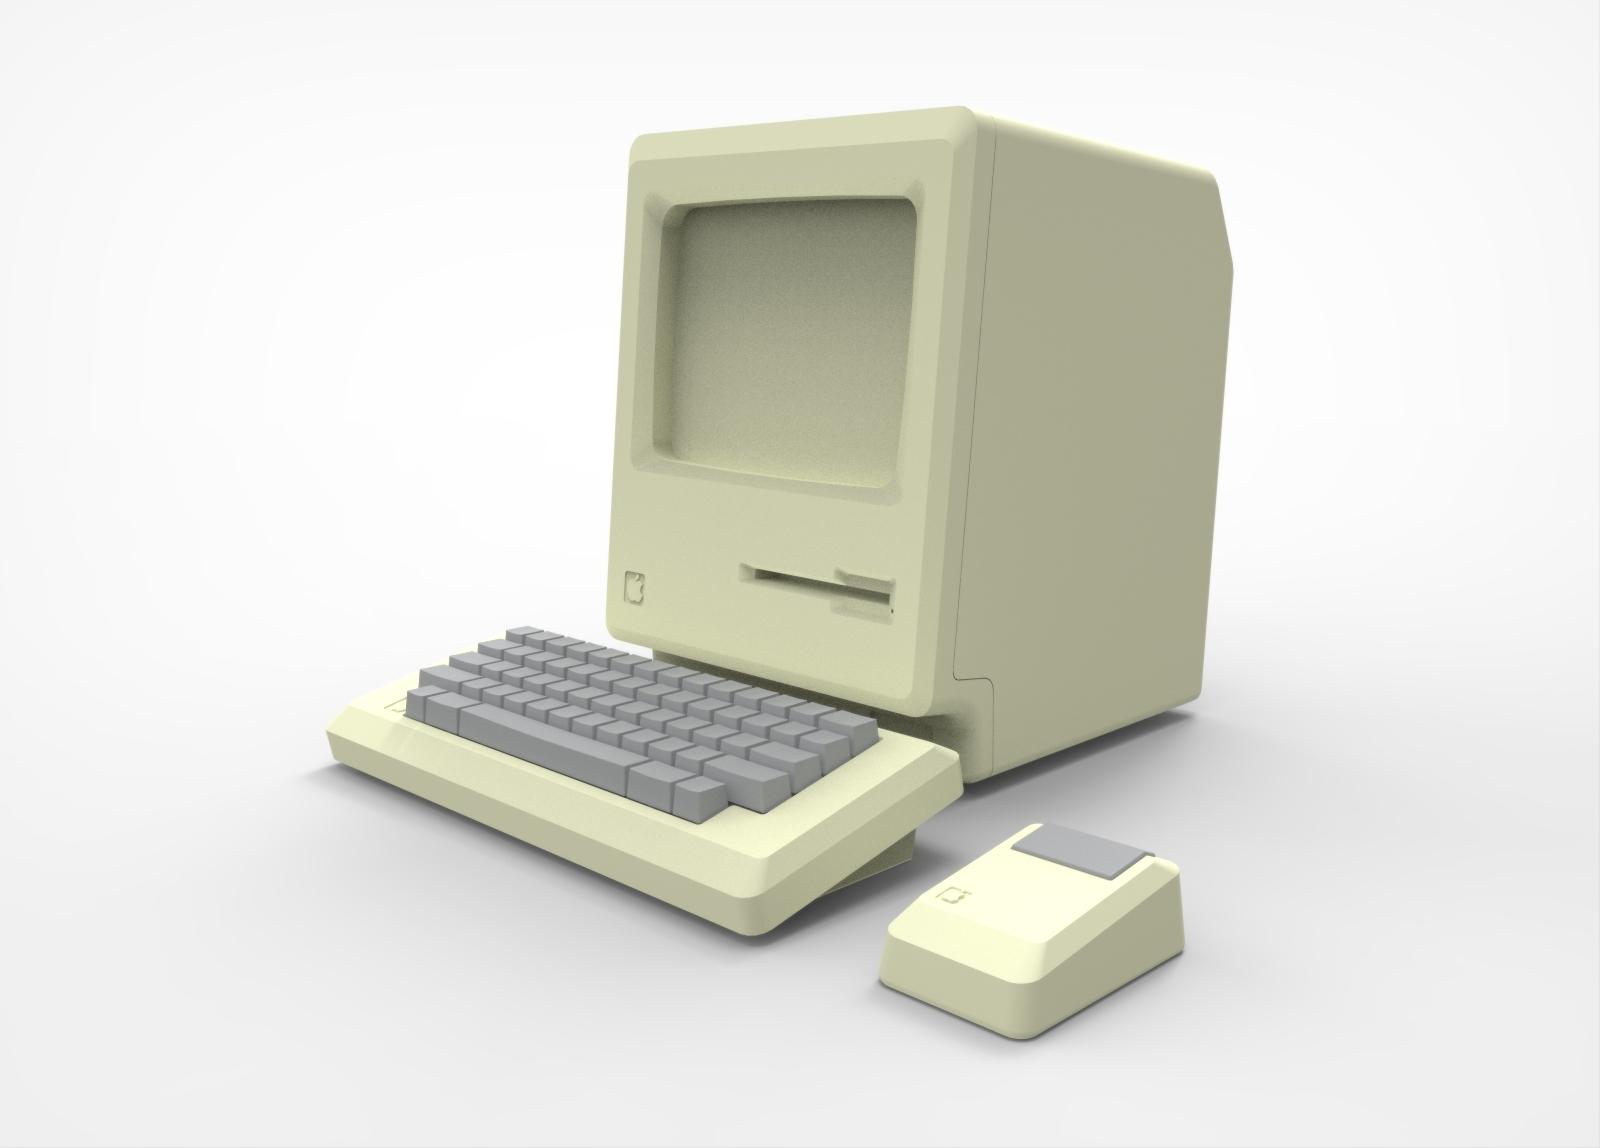 Mac128k_quick_render